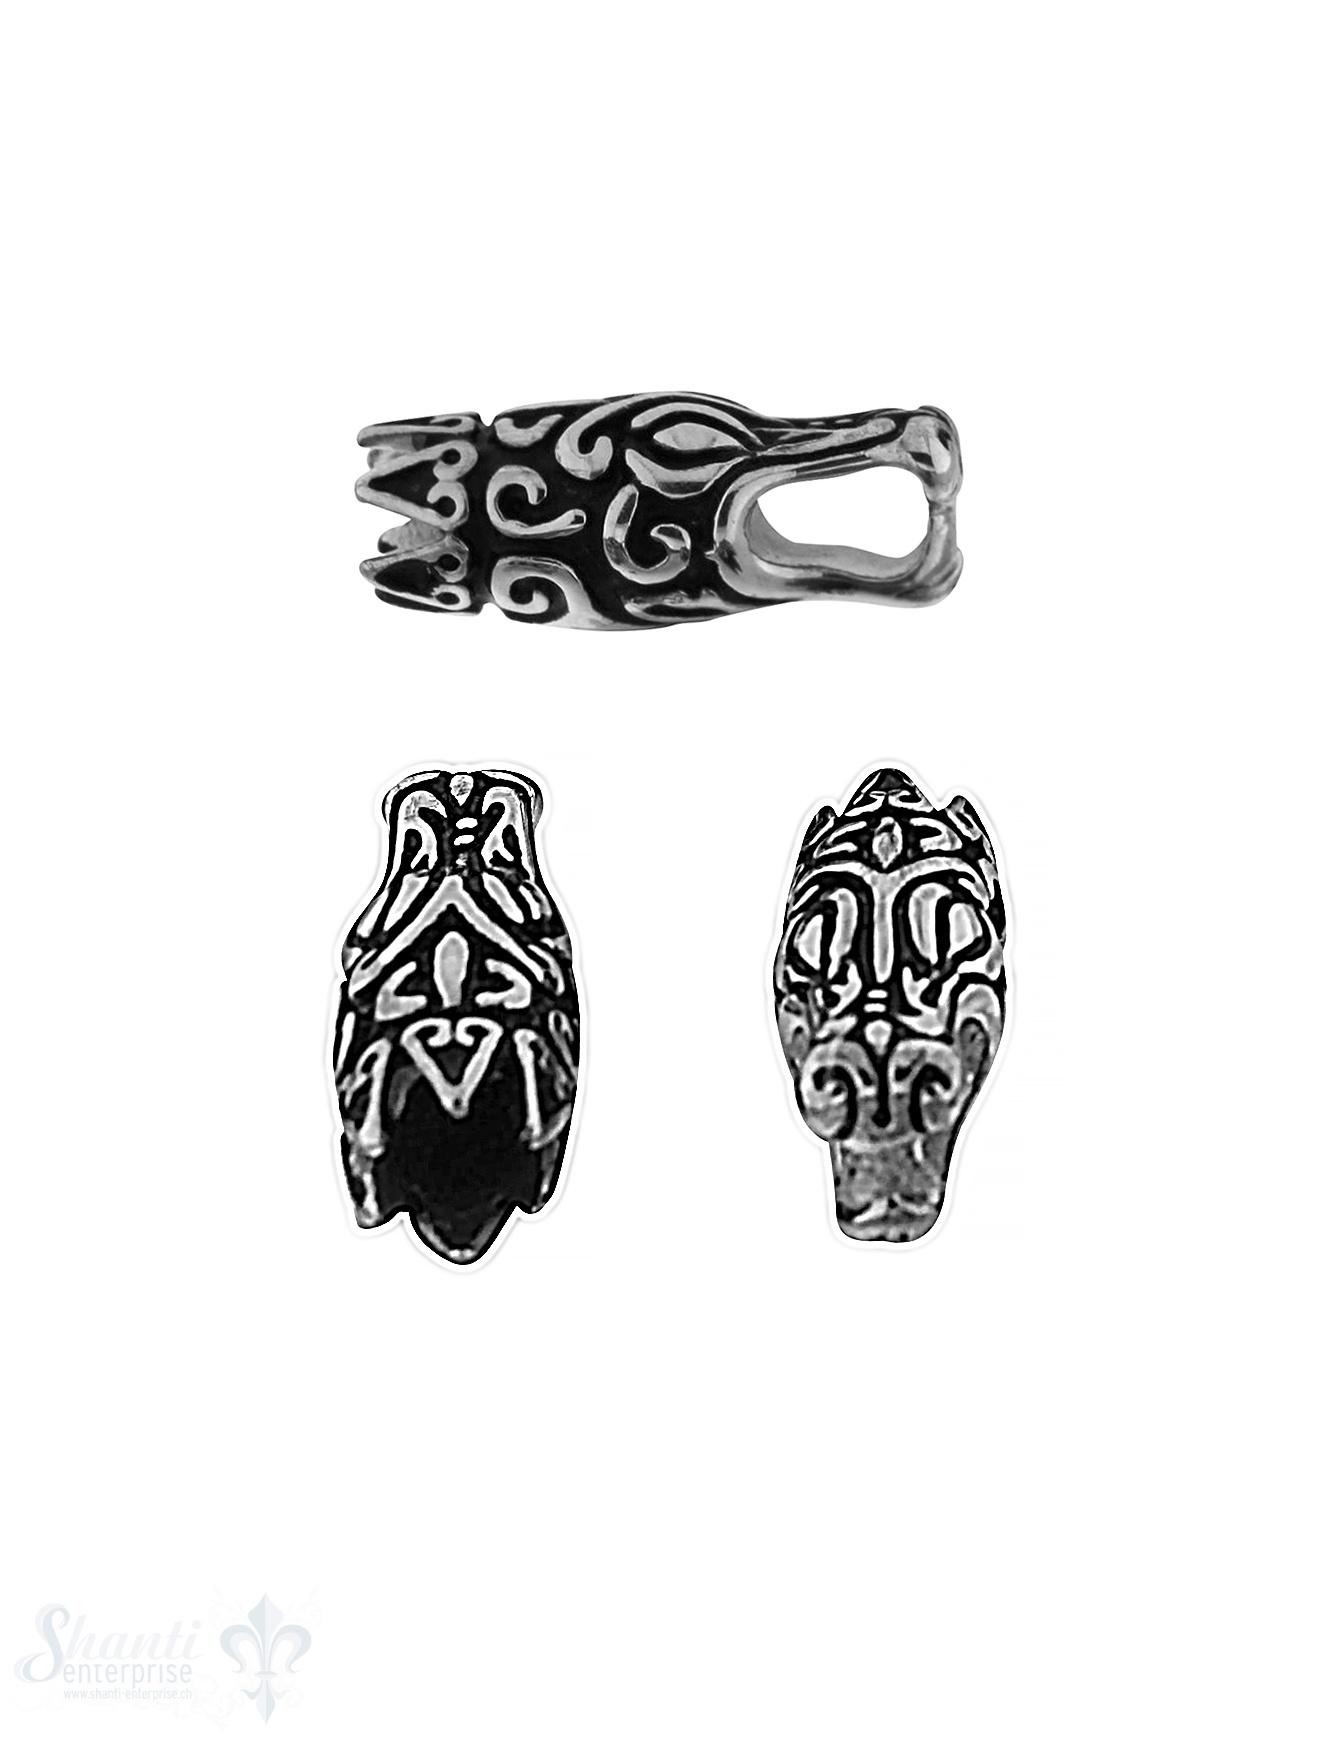 Stahlkappen für Leder: Drachenkopf stilisiert, ges schwärzt mit Zacken 27,5x11 mm,ID  6  mm